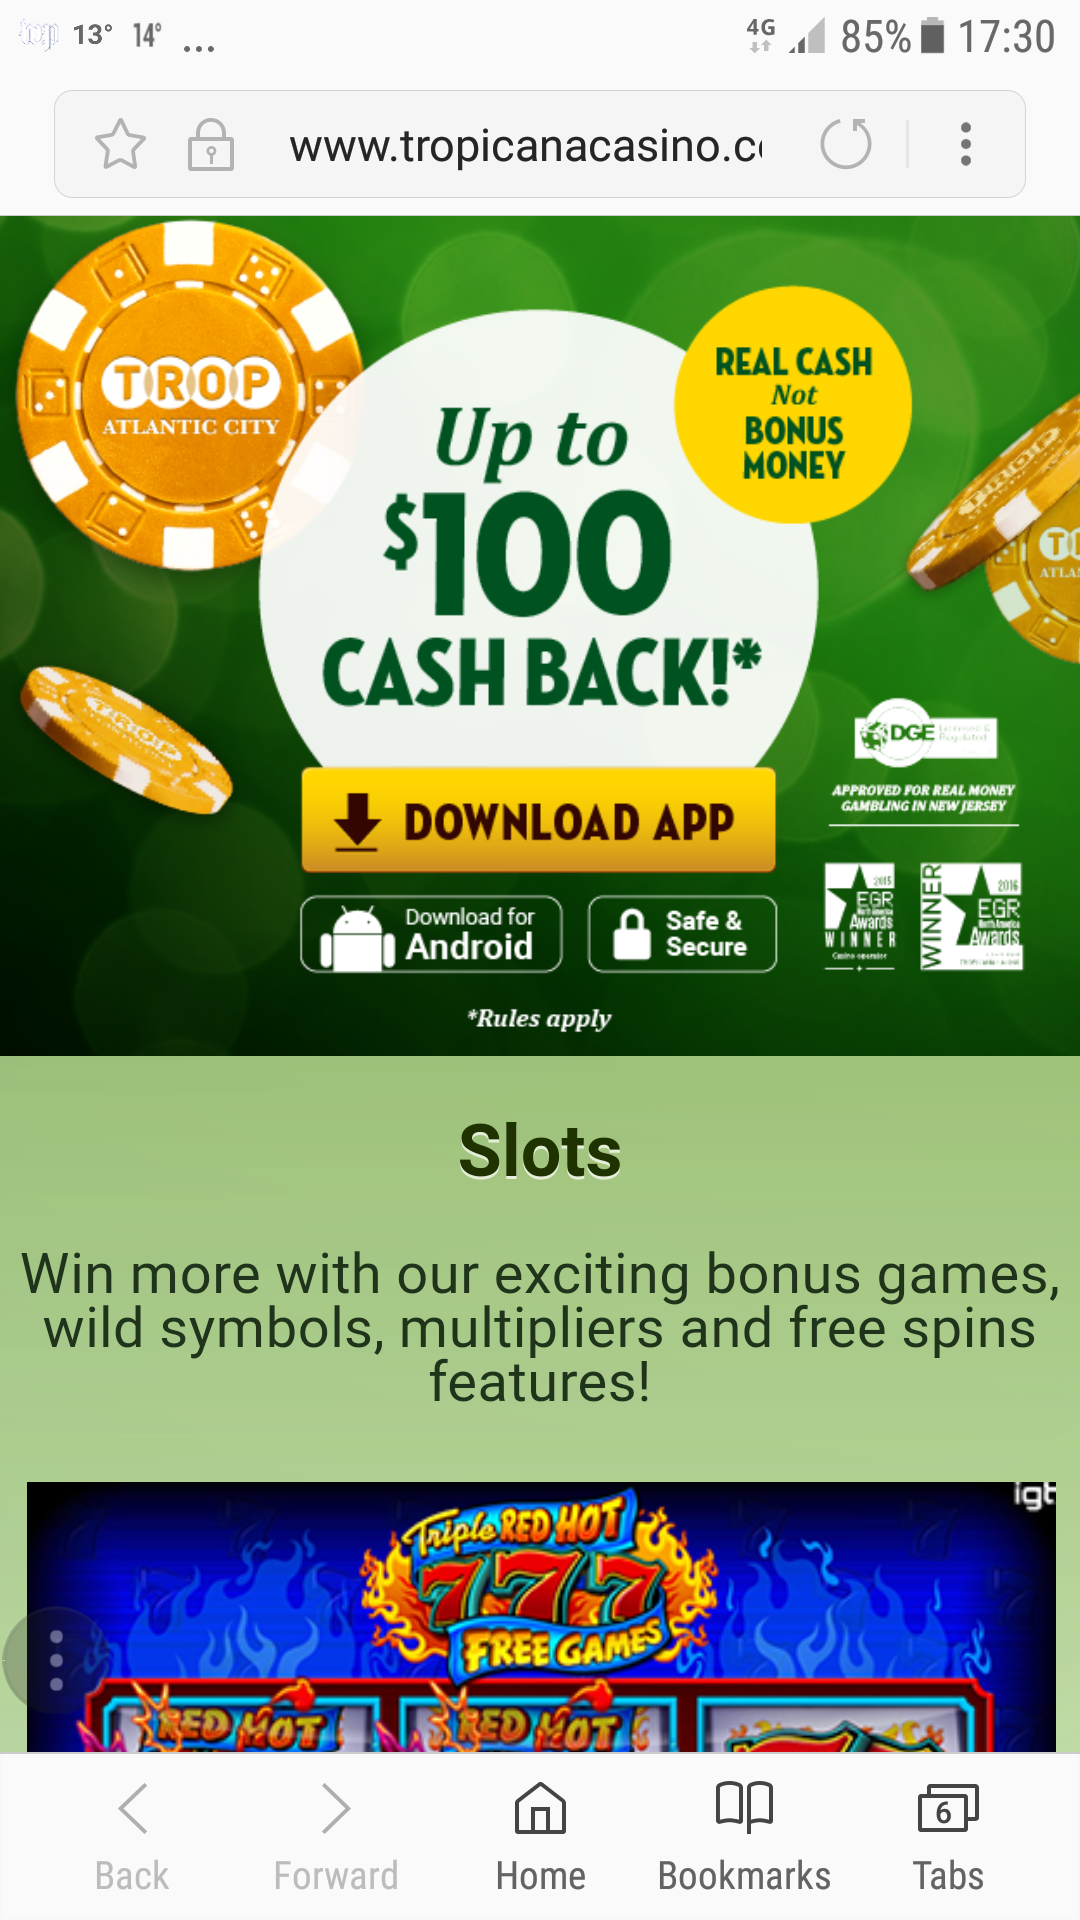 tropicana-casino-mobile